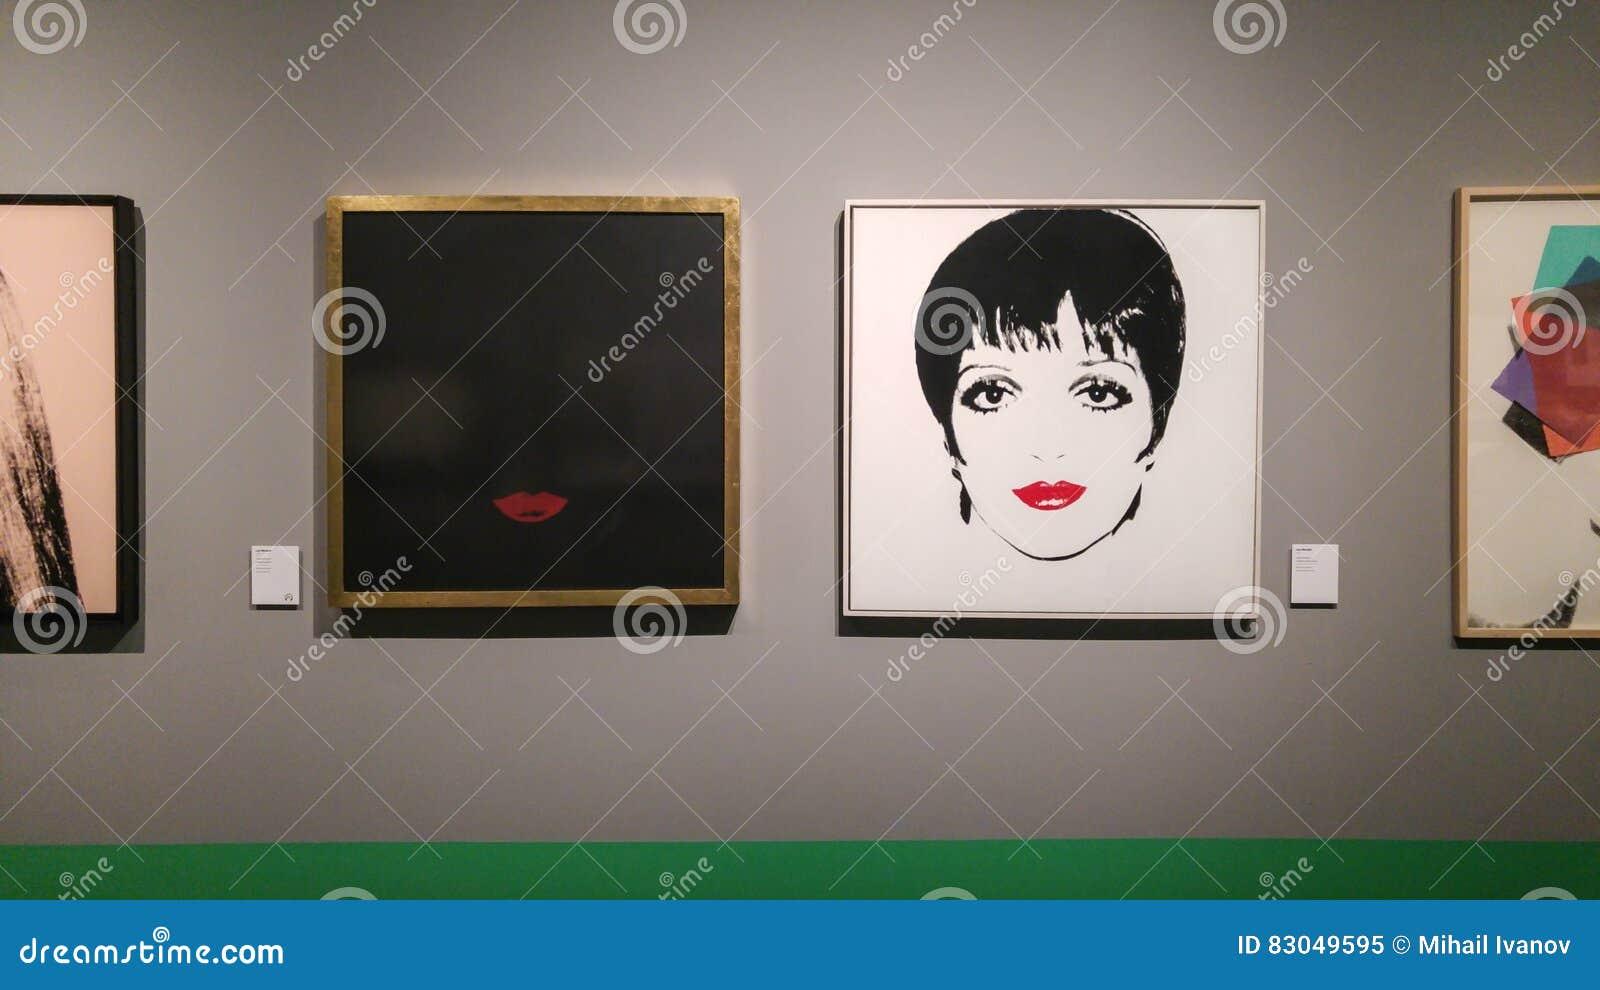 Andy Warhol Liza Minnelli